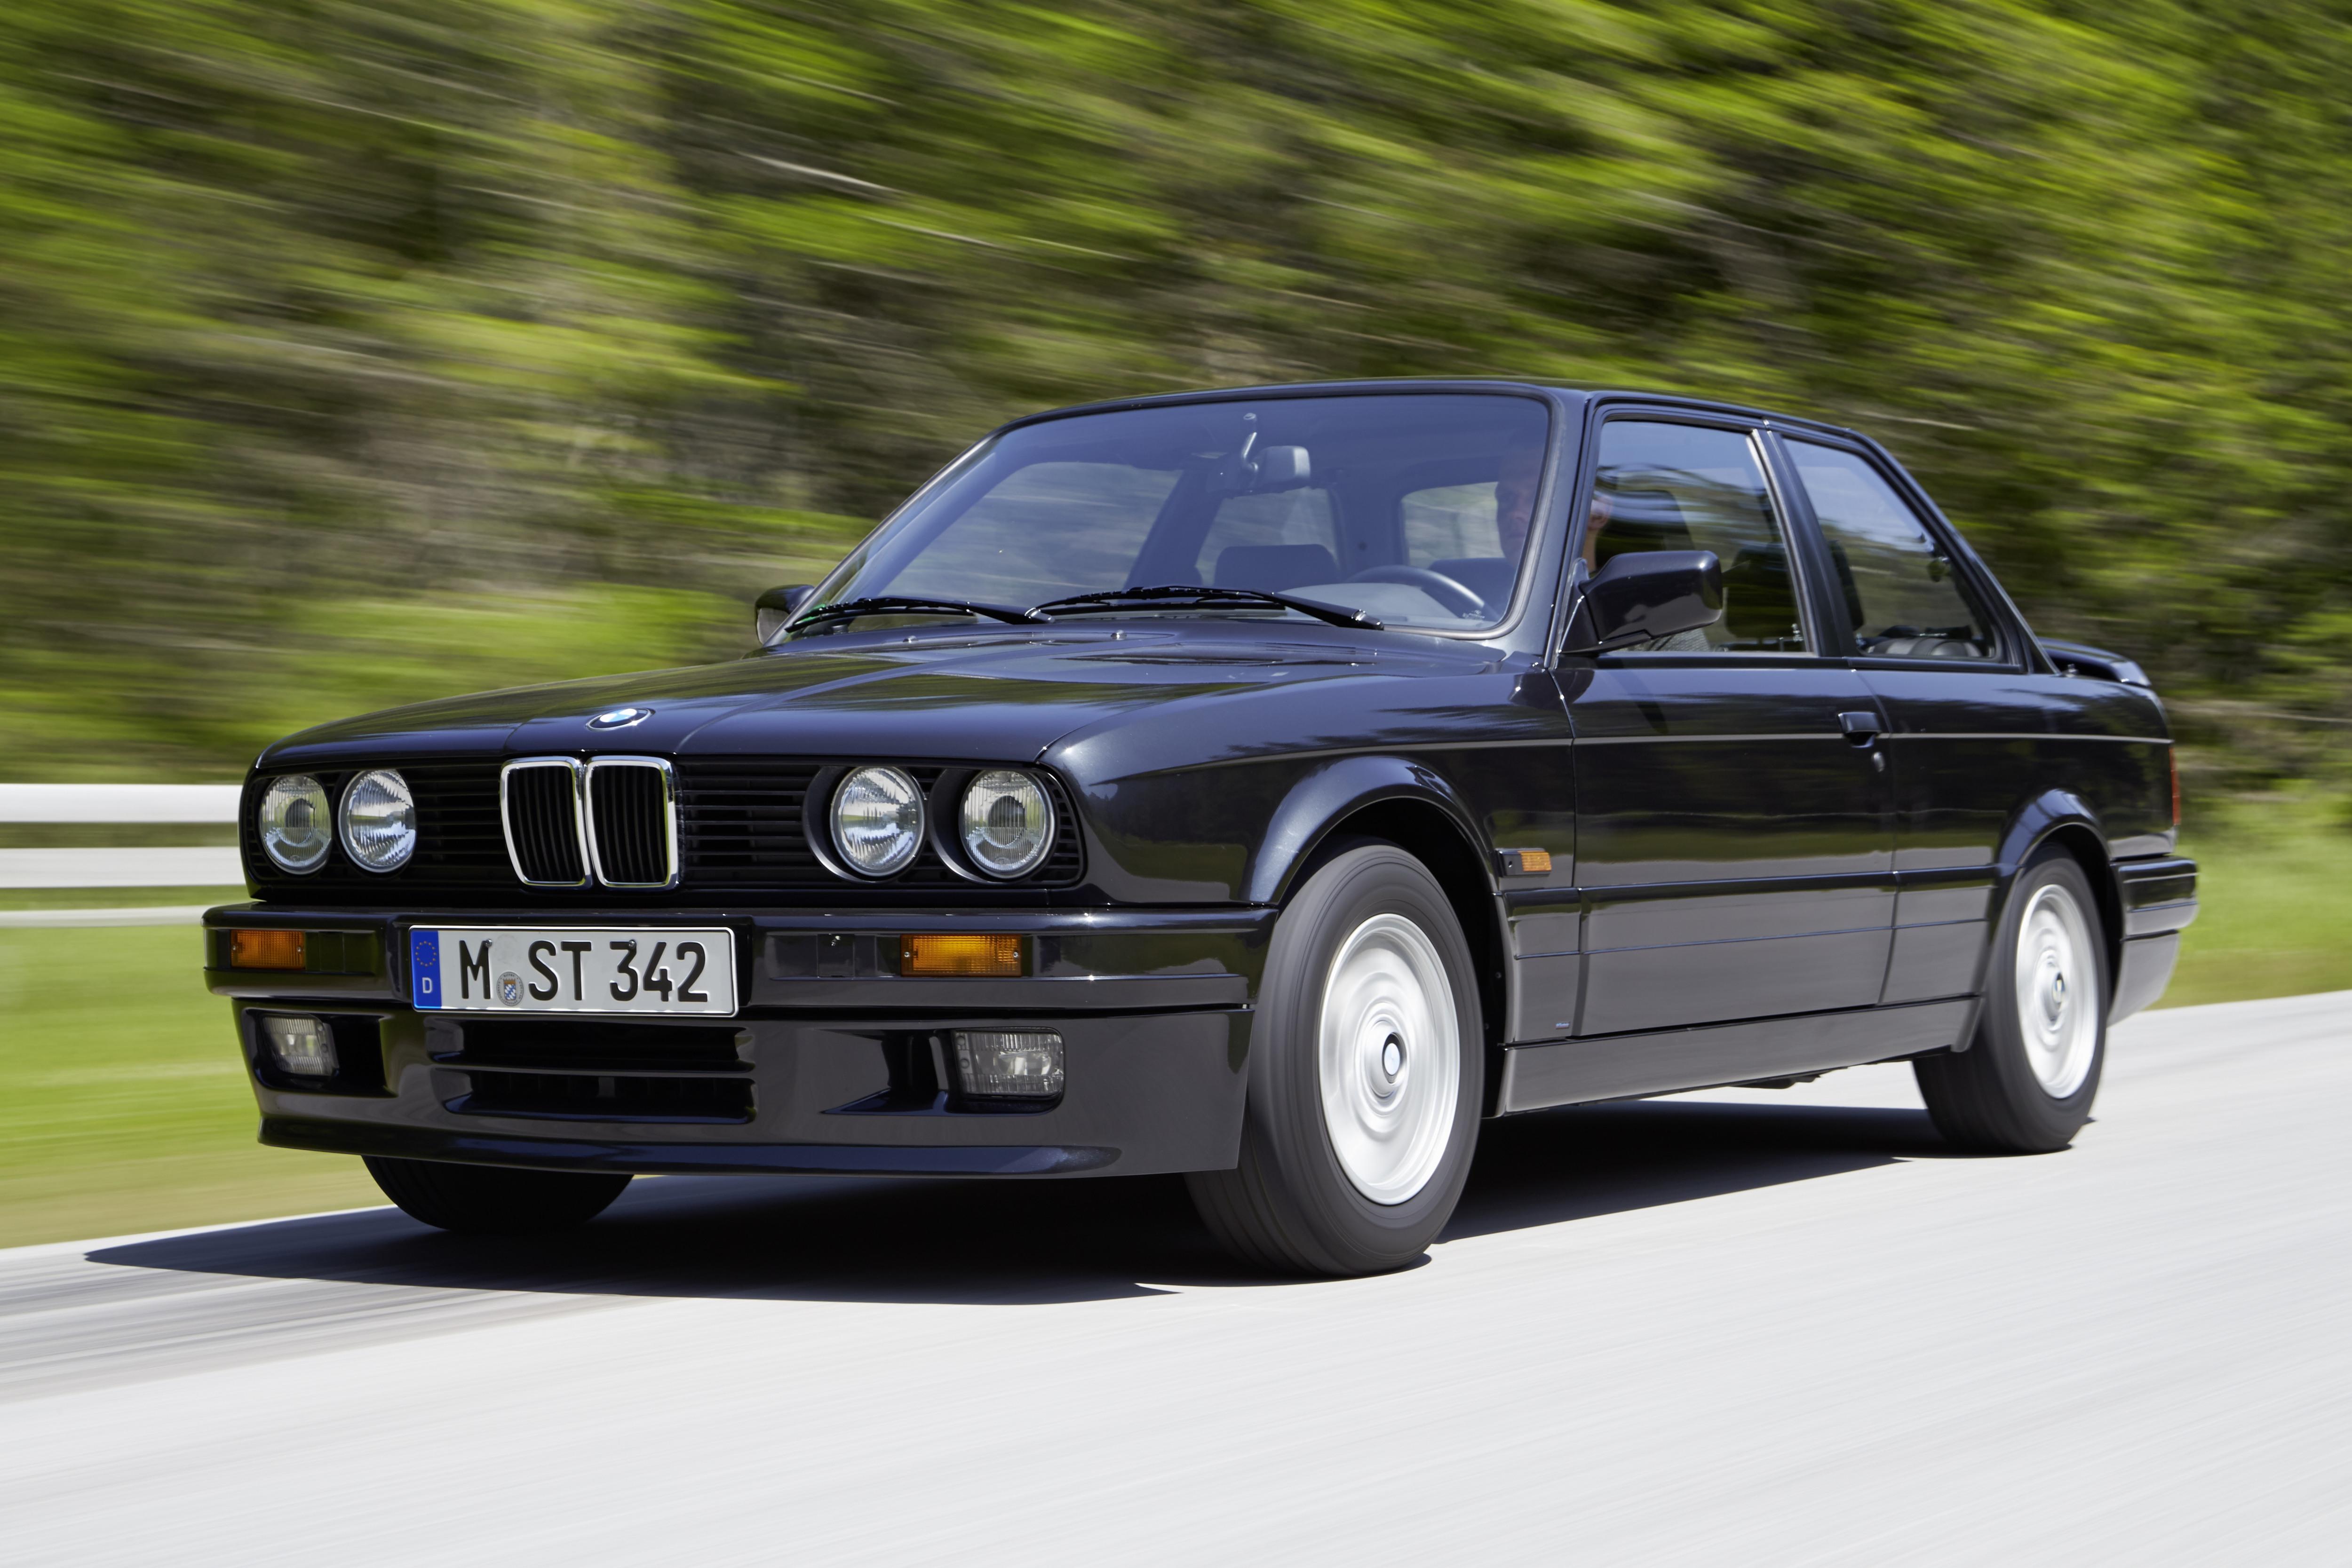 BMW Série 3 2ª geração